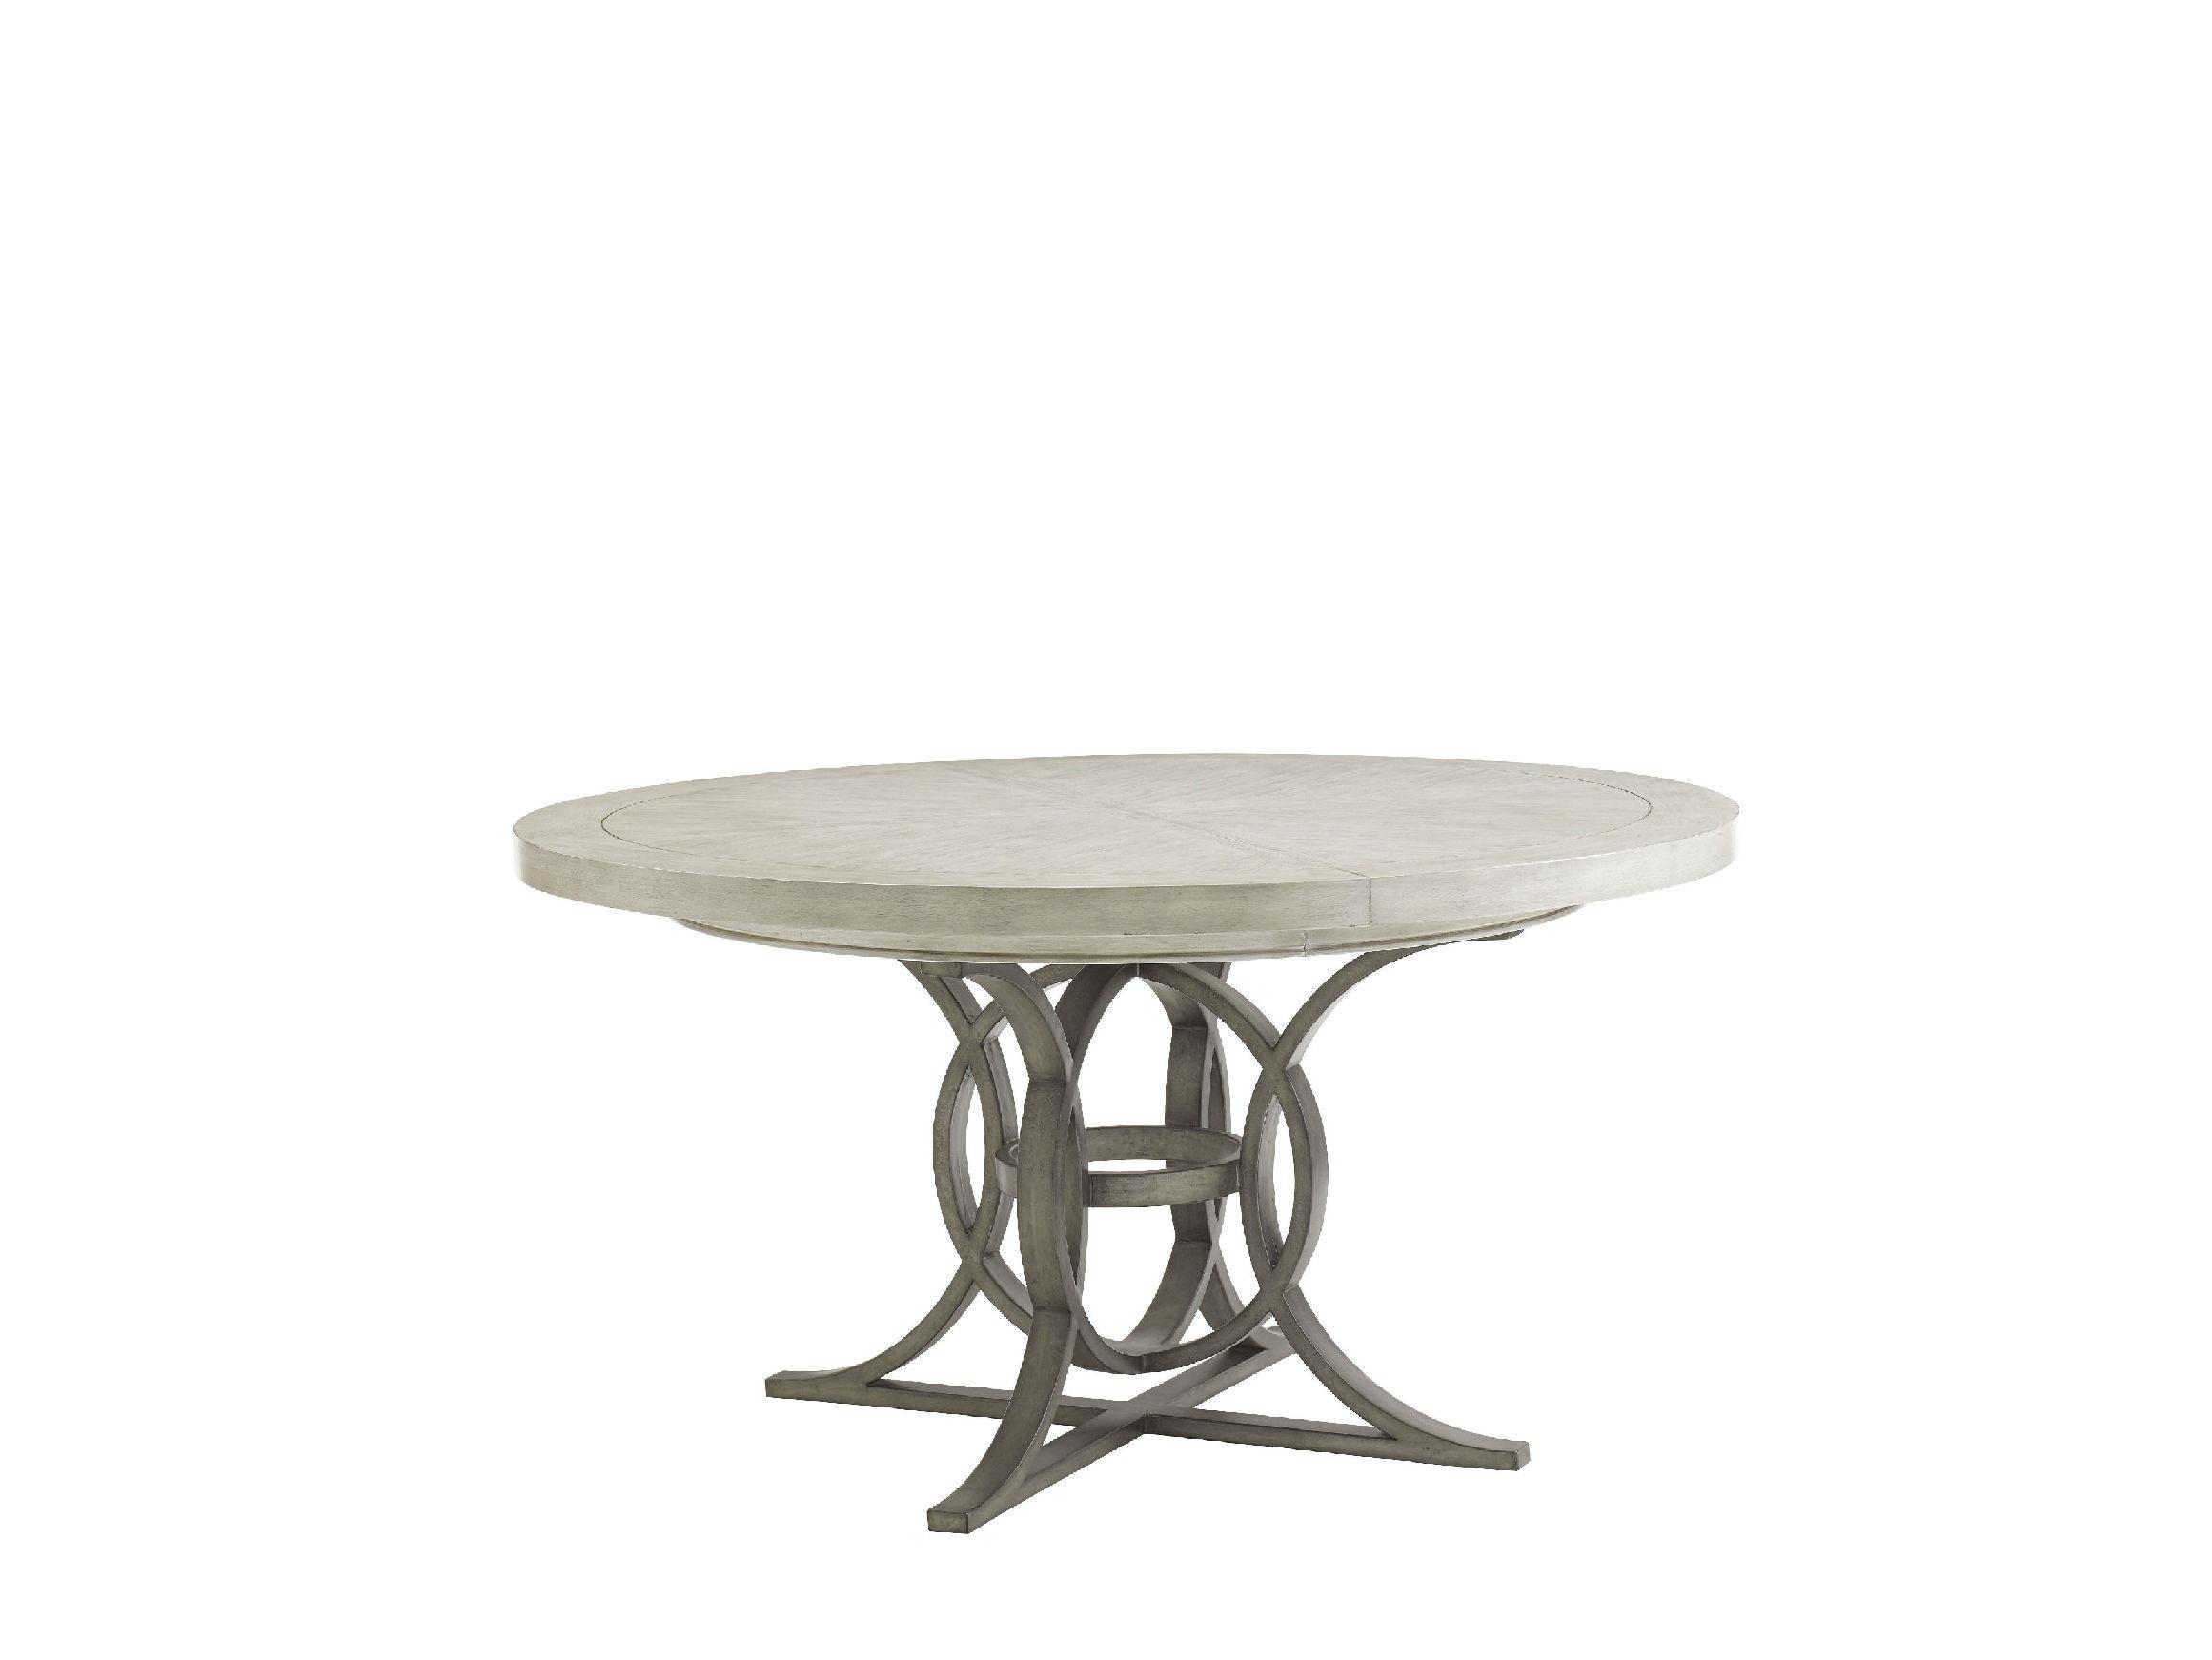 Lexington Furniture Calerton Round Dining Table 714 875C